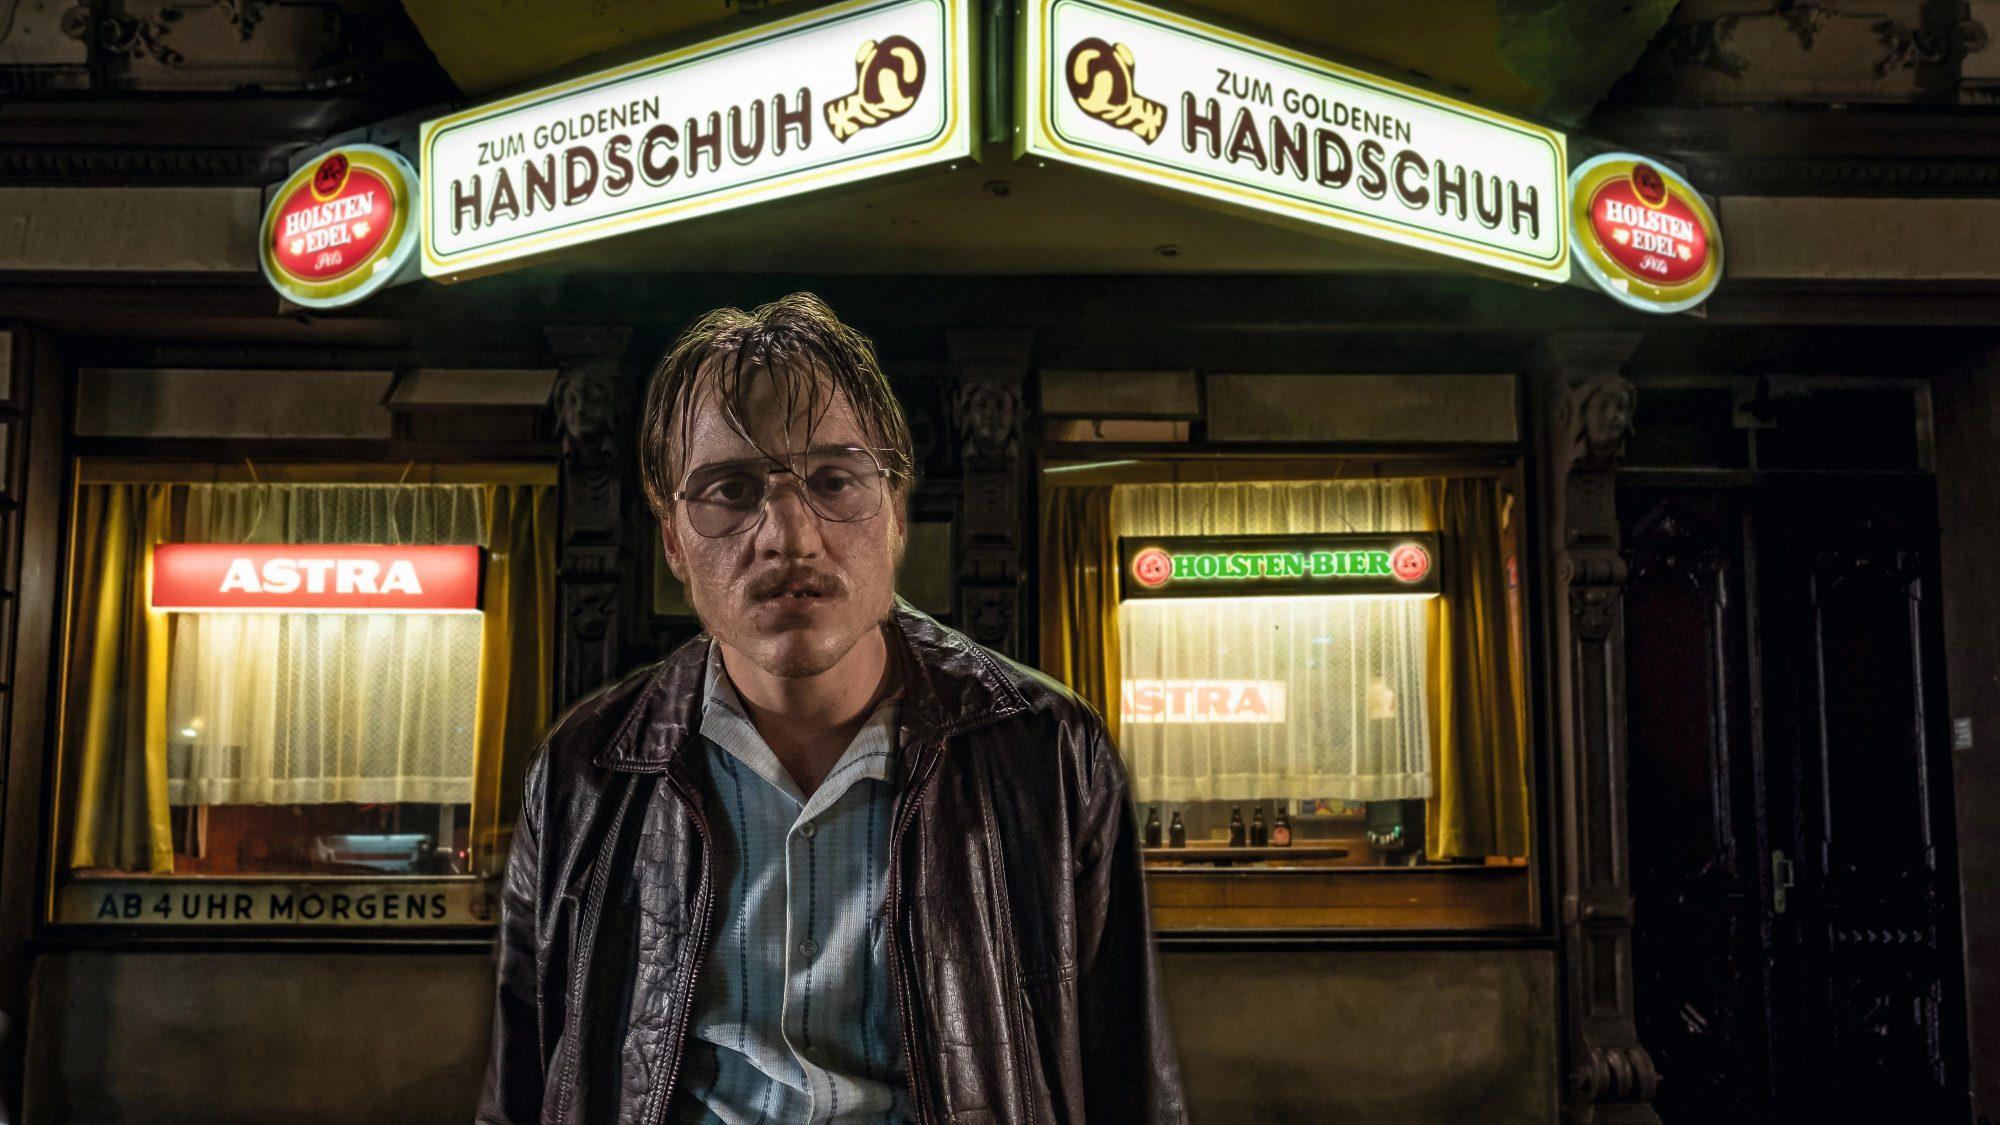 zum goldenen handschuh film